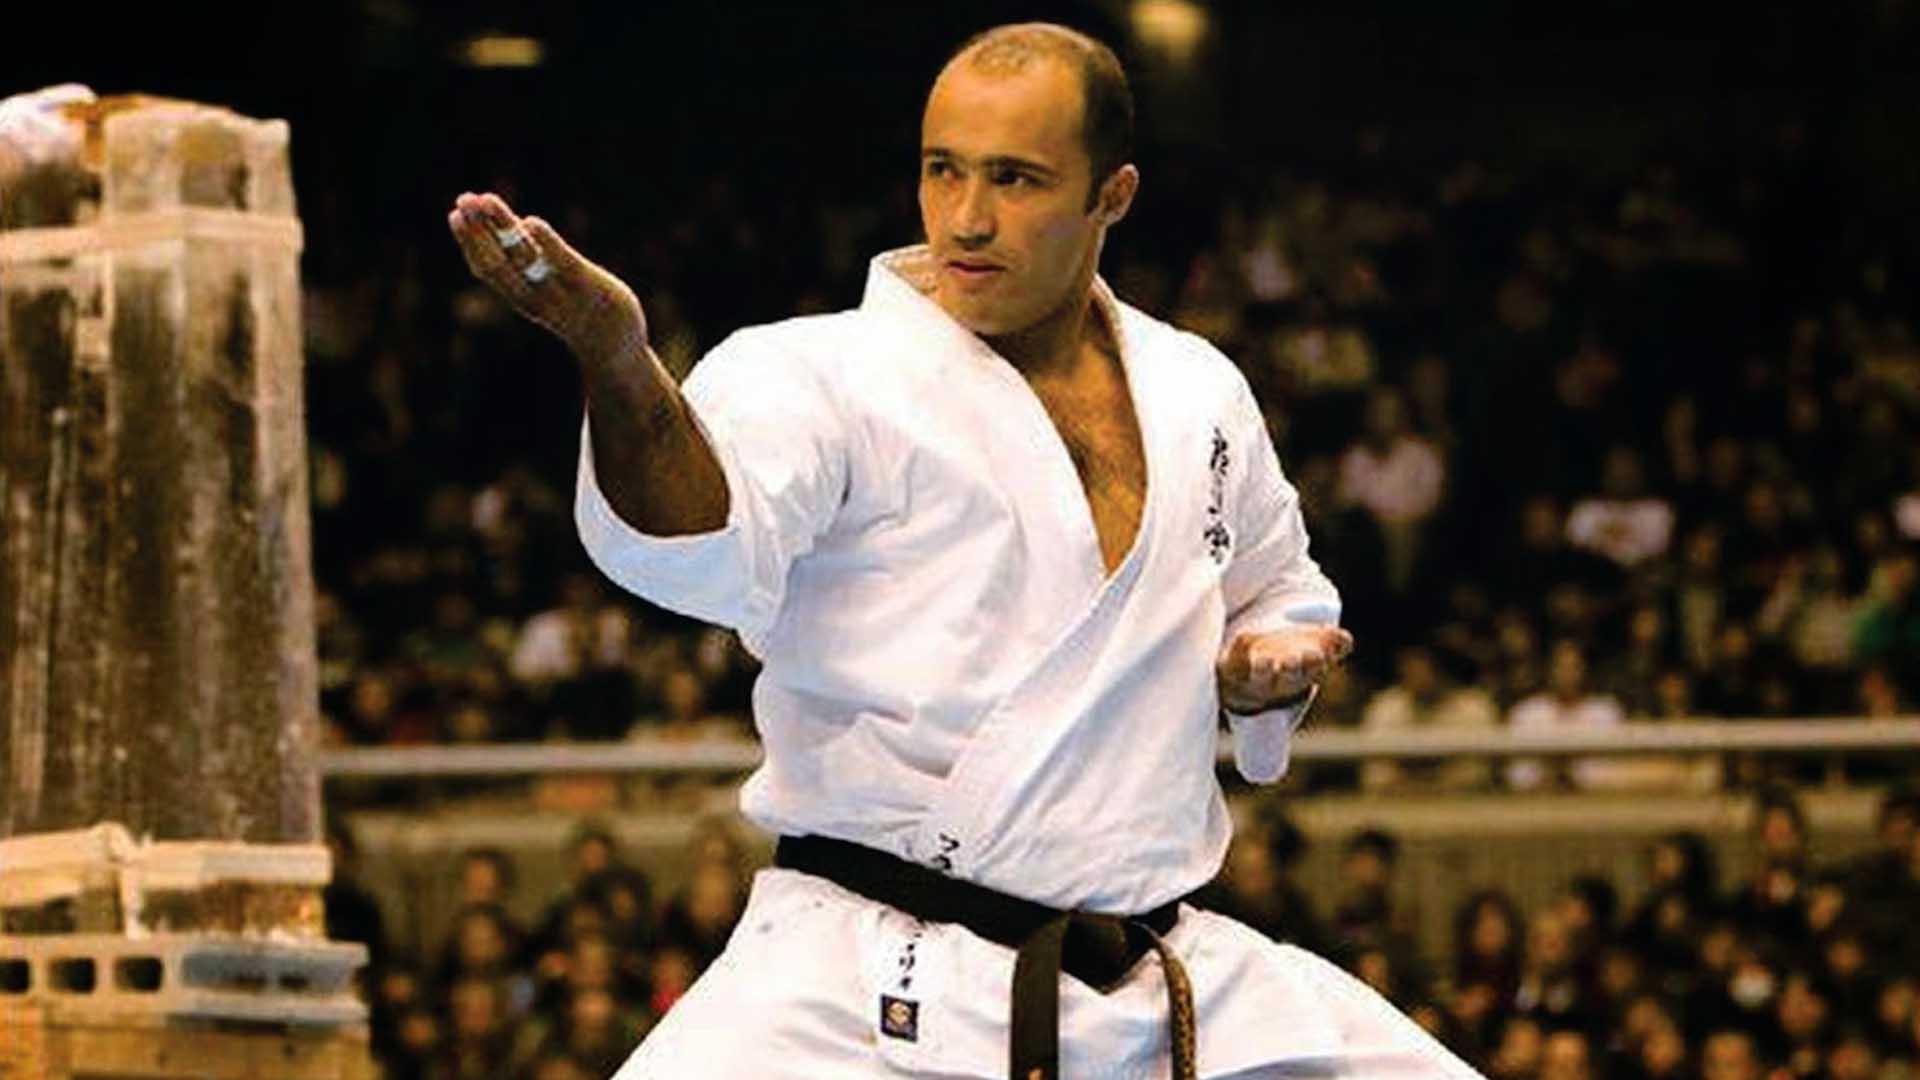 melhores karatecas do mundo Francisco Filho